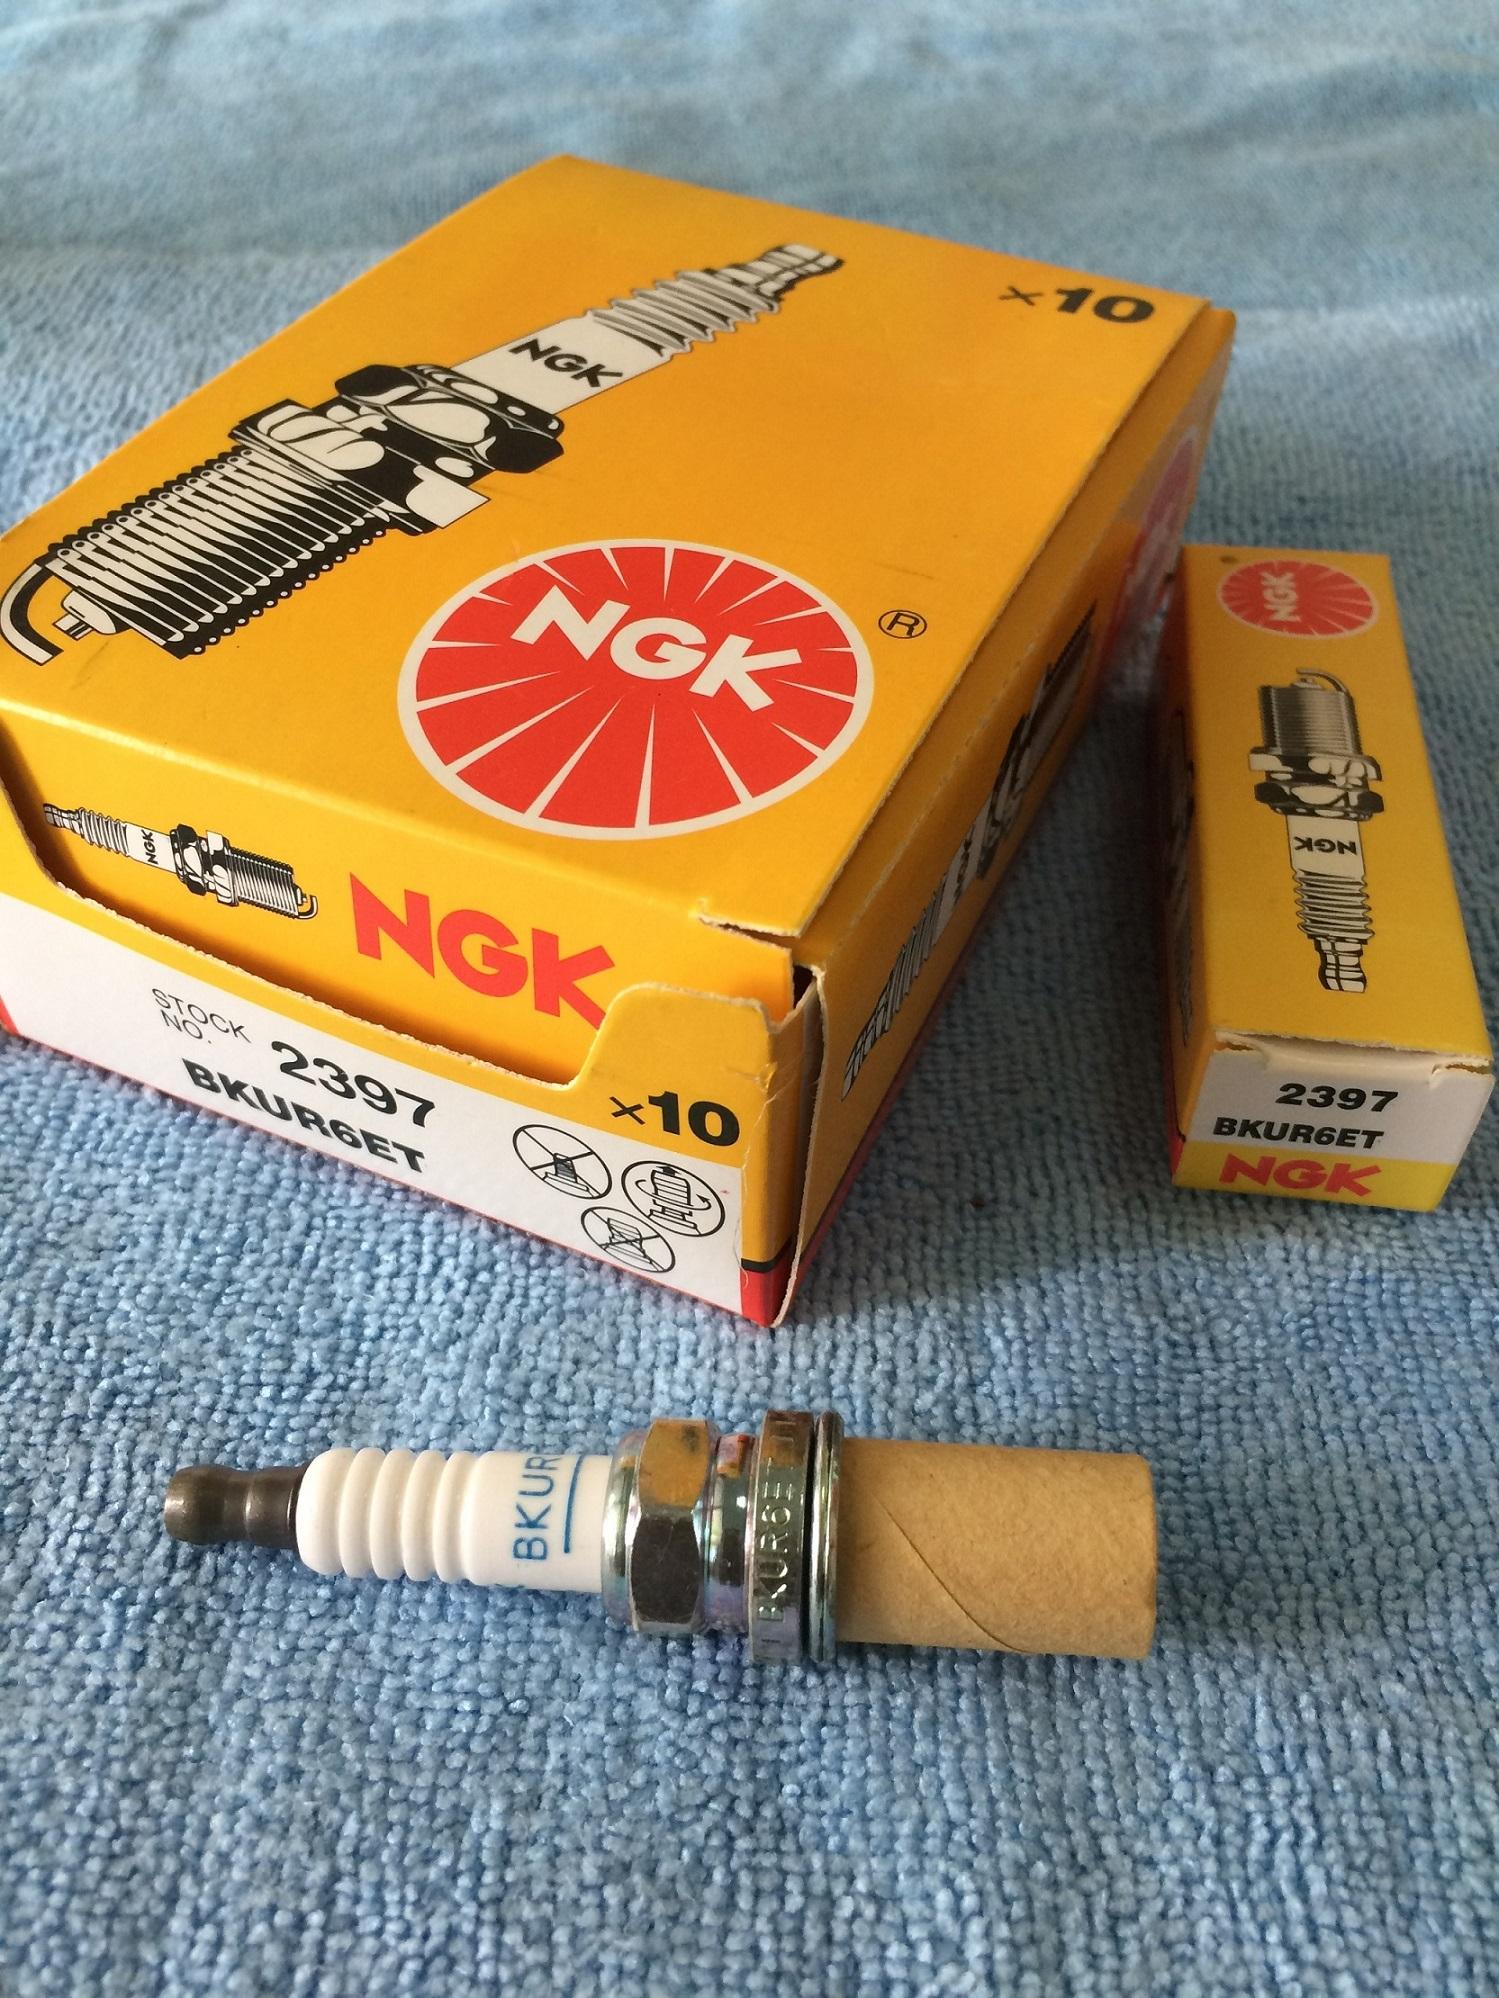 NGK BKUR6ET-10 SPARK PLUG FOR AUDI,SEAT, SKODA, VW, MERCEDES, RENAULT